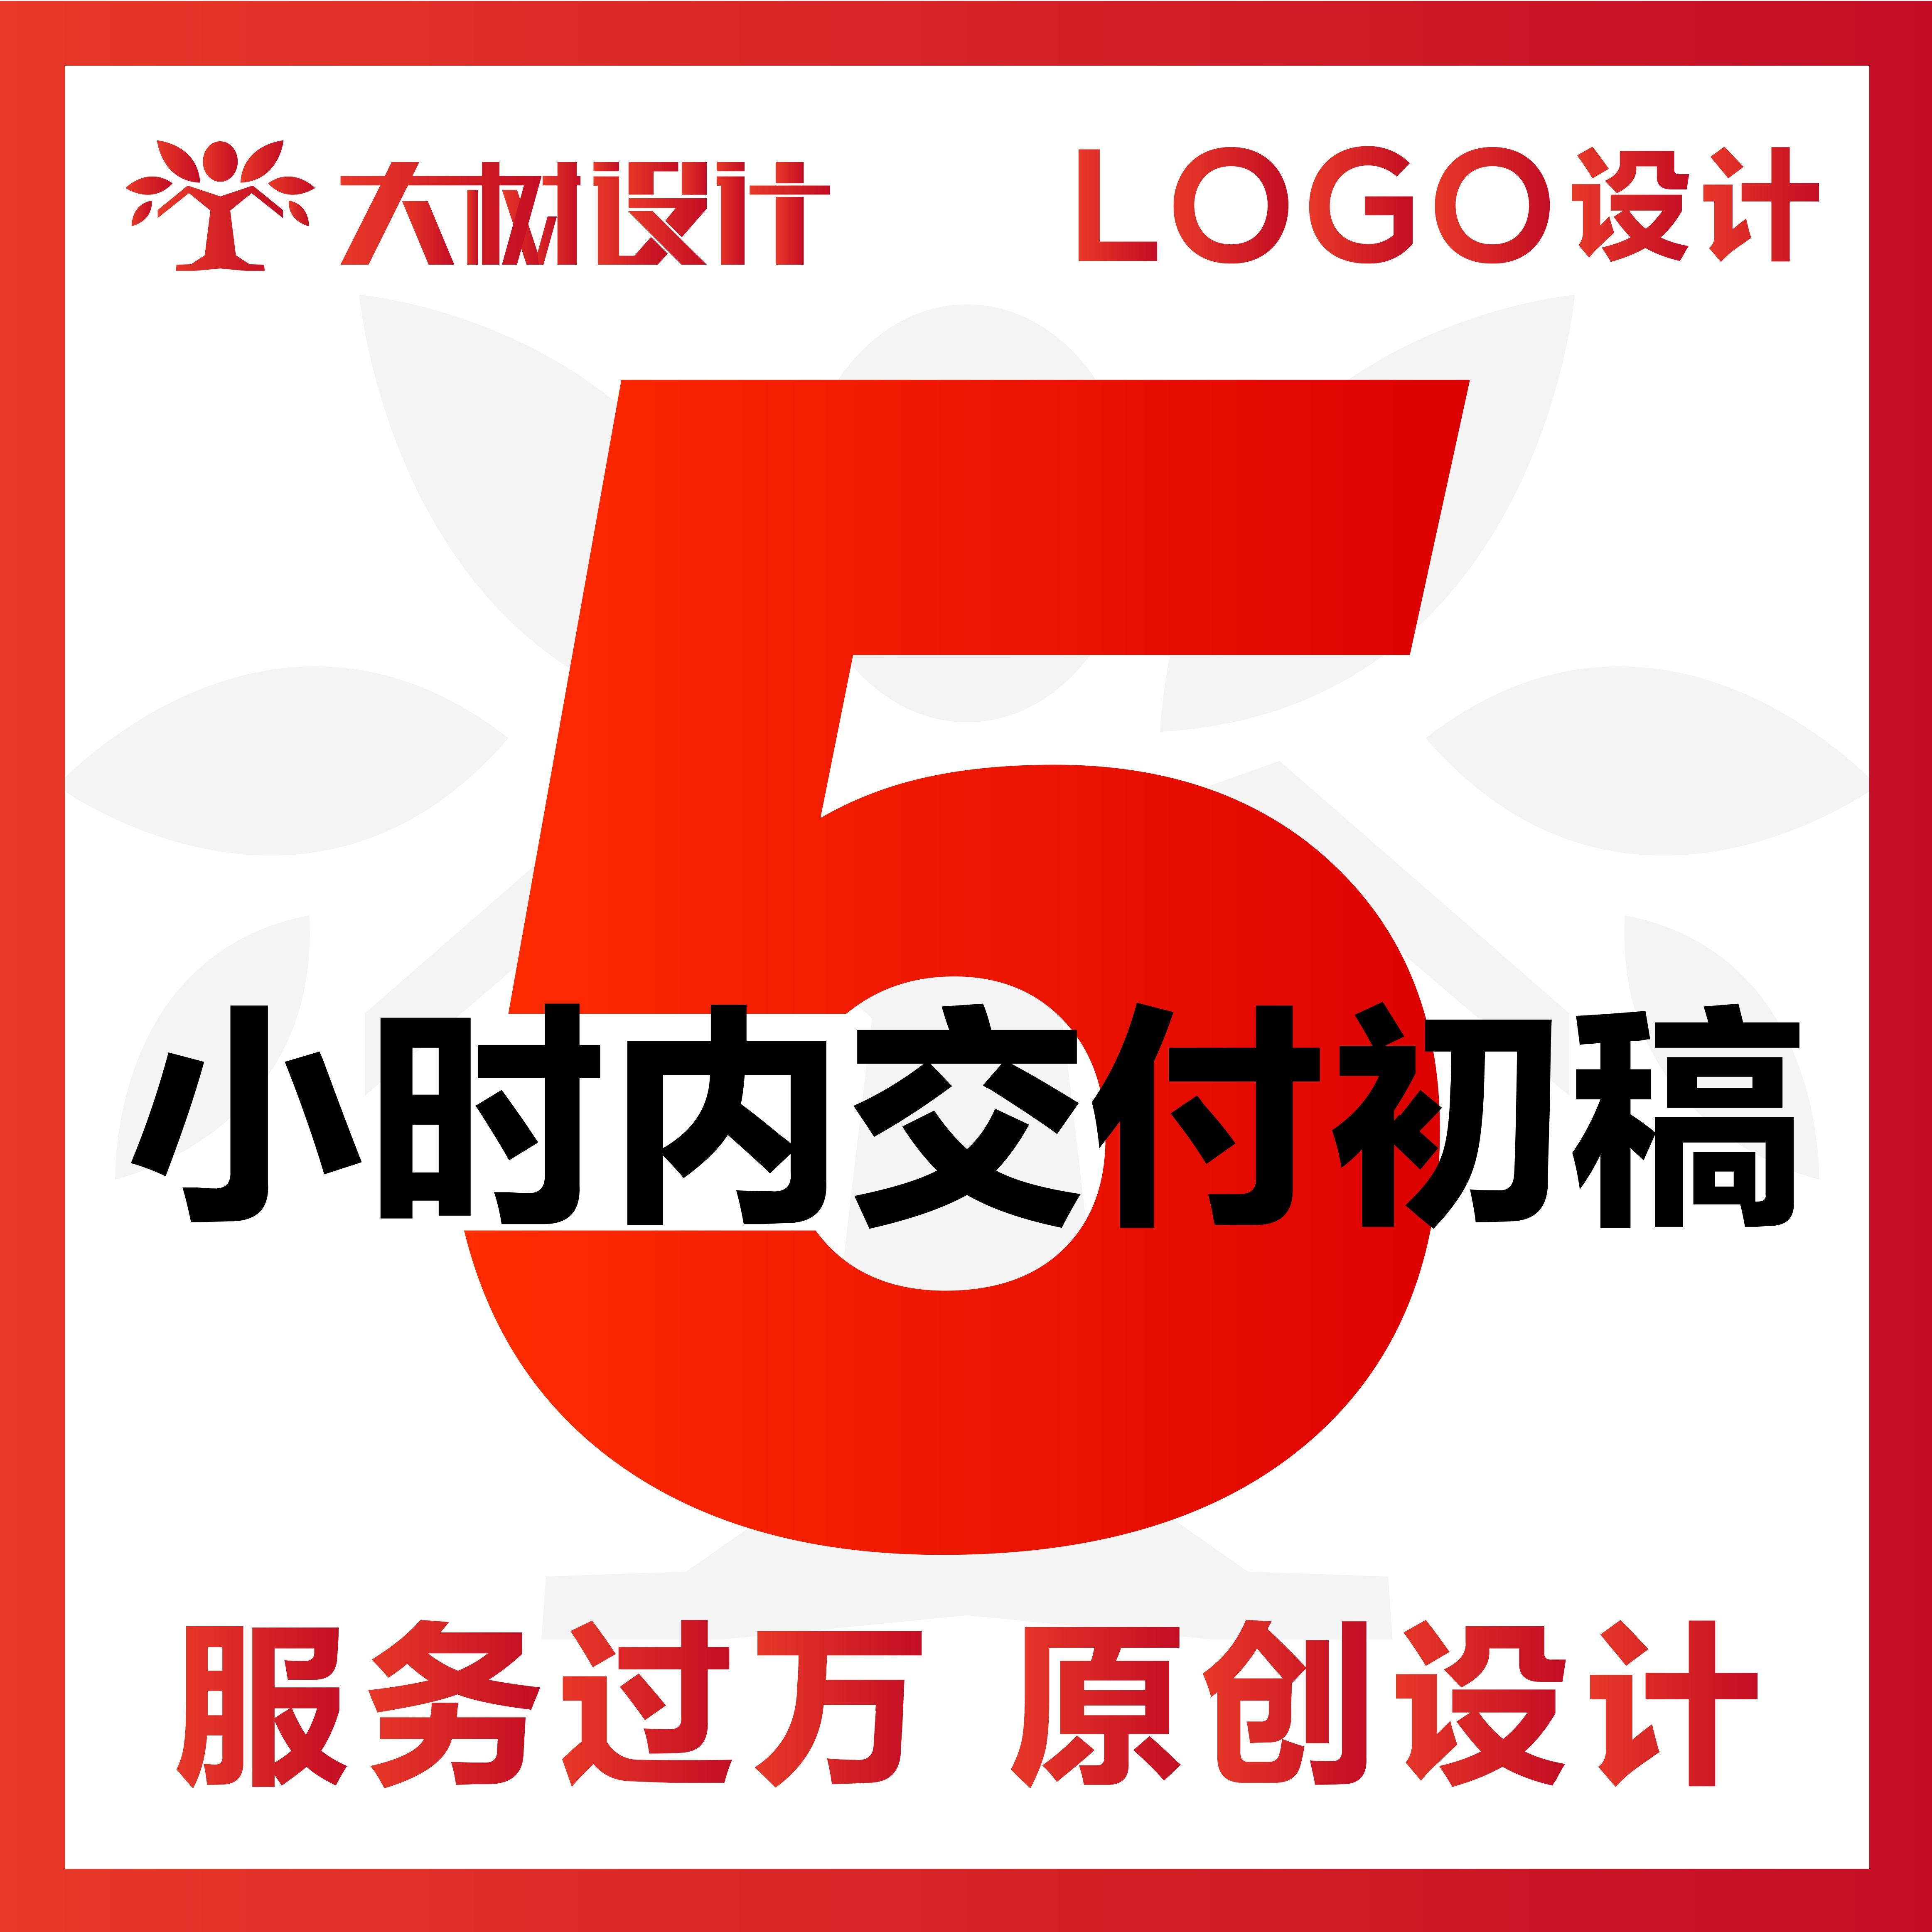 【服务过万】logo设计标志公司企业品牌字体餐饮图标商标英文